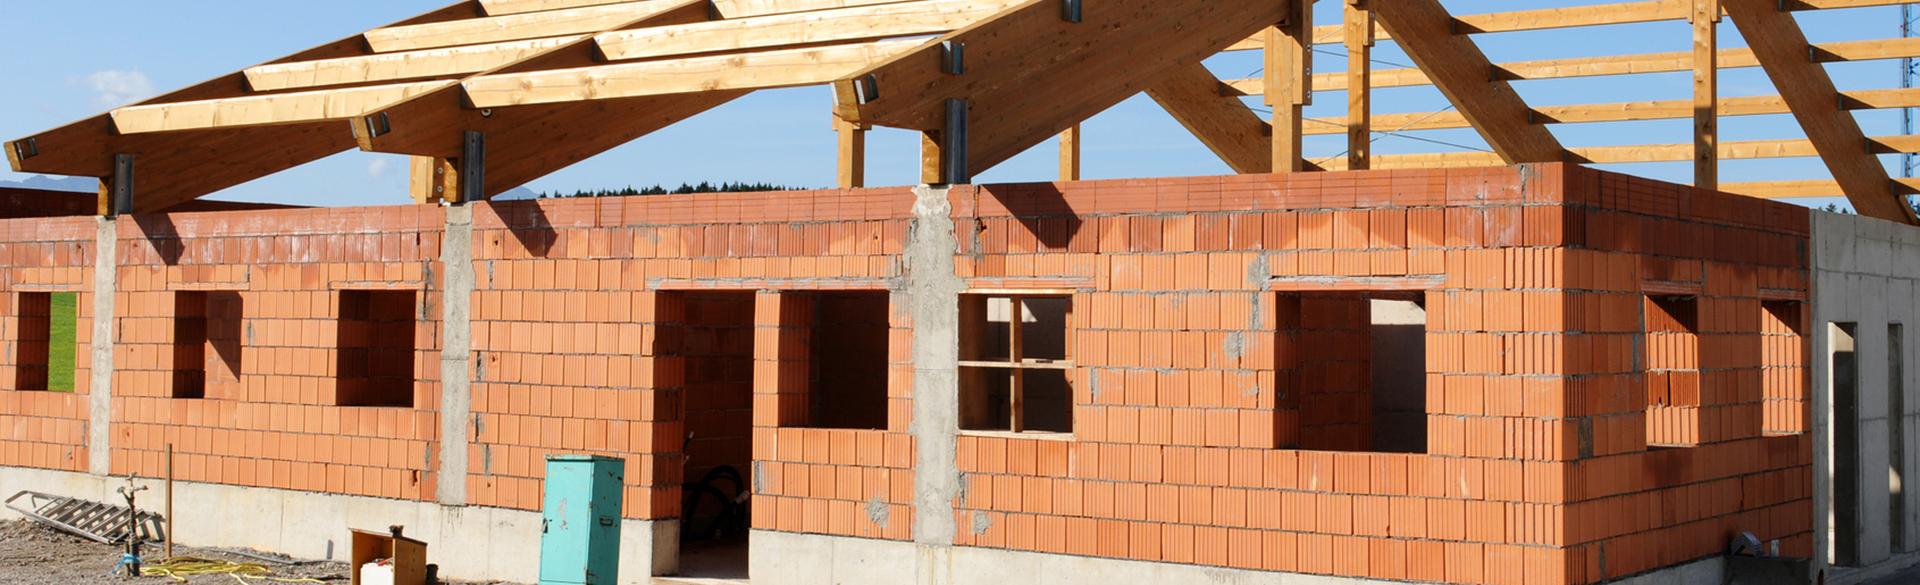 Baugrunduntersuchungen bei Bauvorhaben